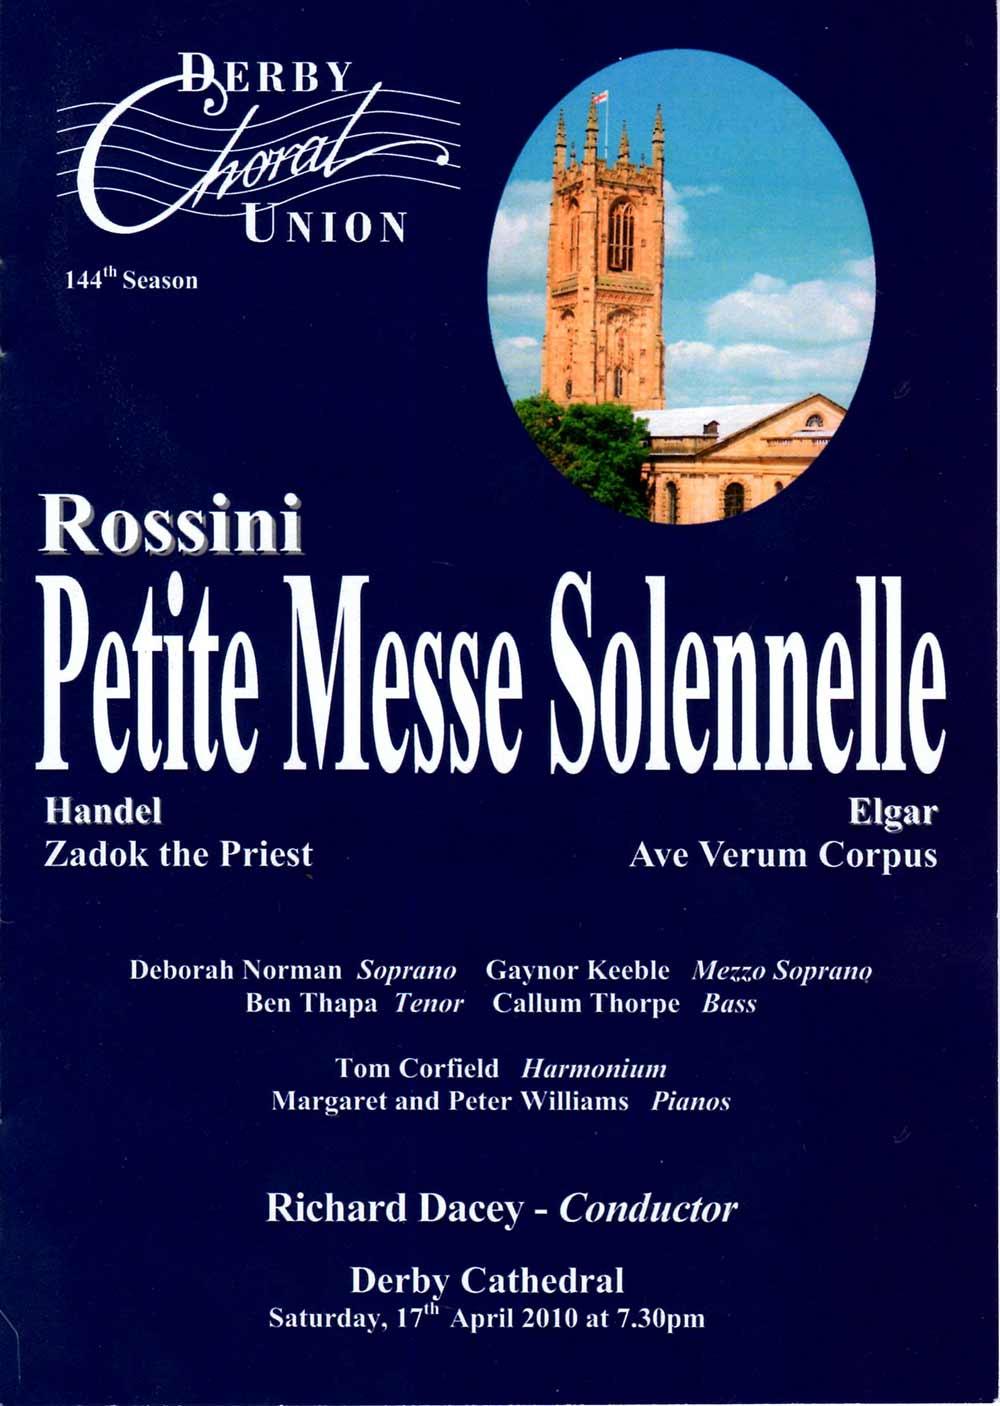 Rossini-Poster.jpg